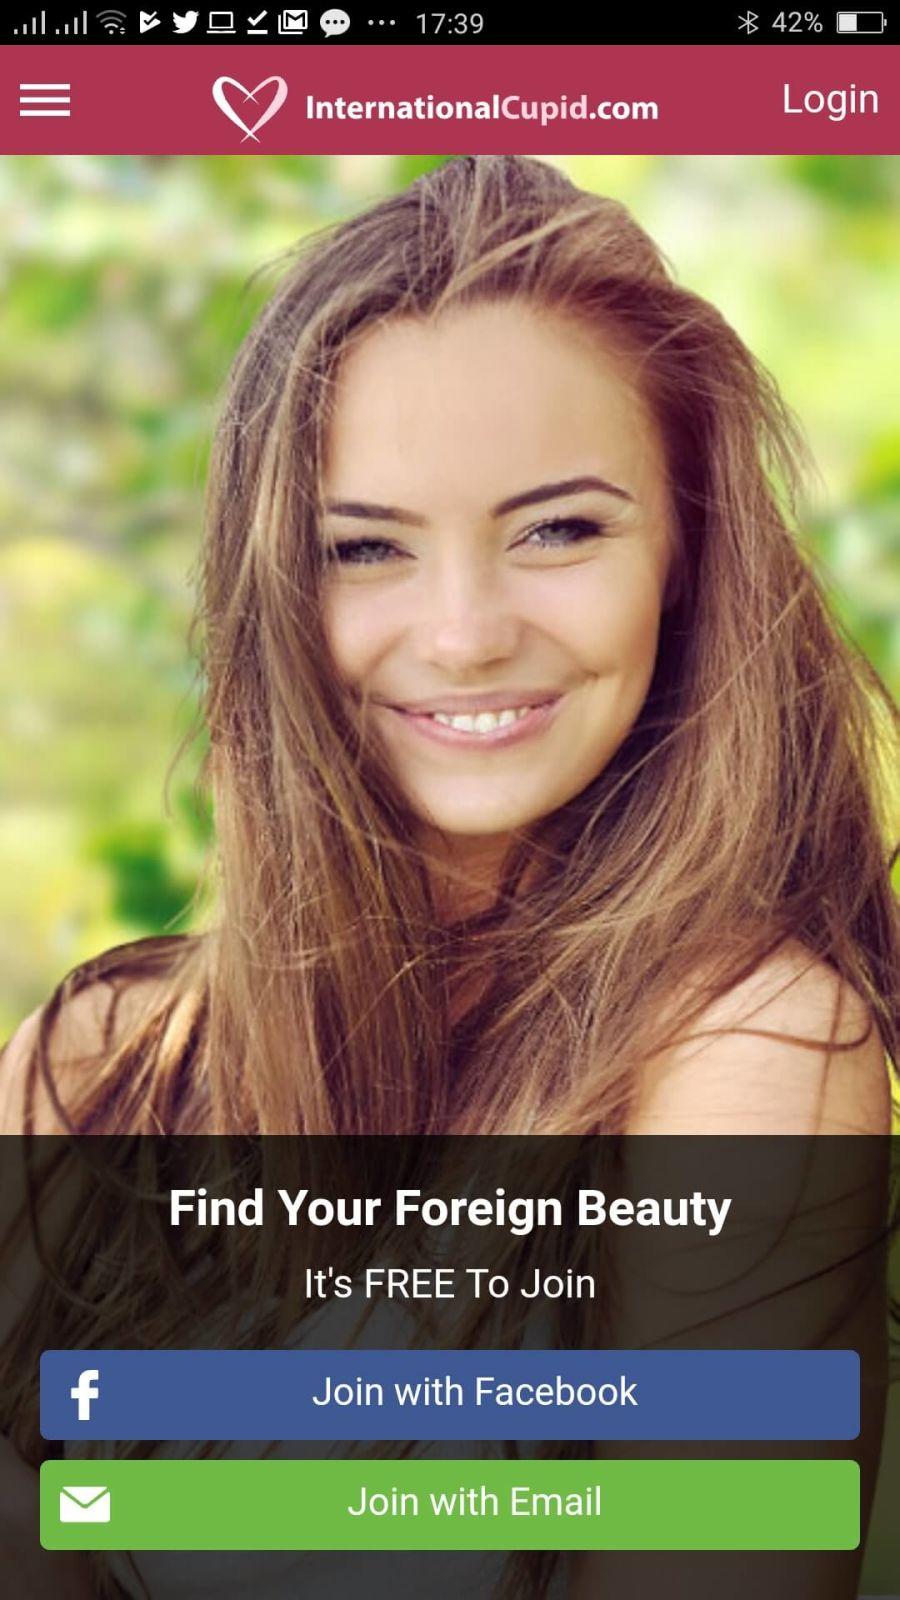 InternationalCupid App